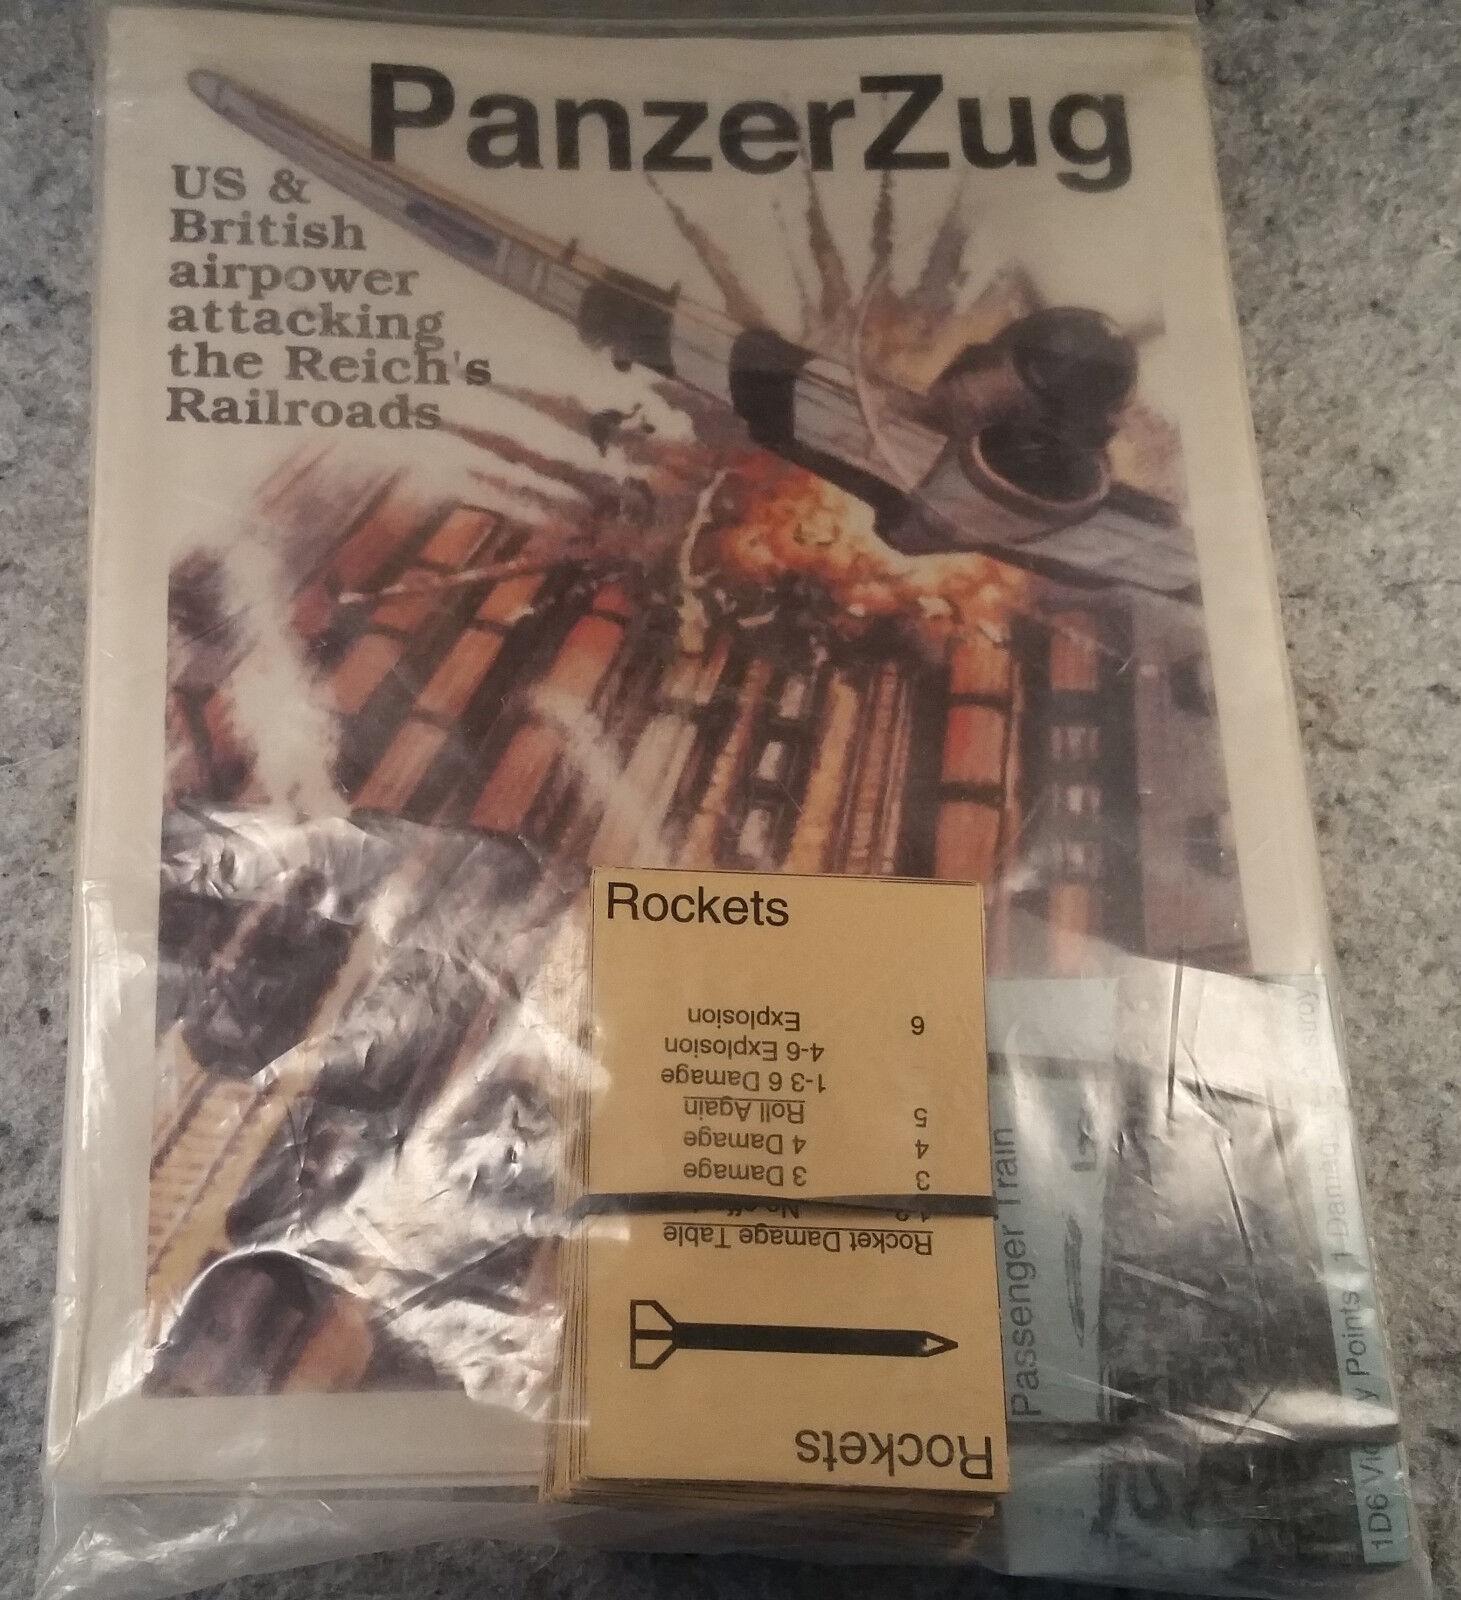 Juegos de tablero de de de ajedrez de winsome panzerzug en perfecto estado 614